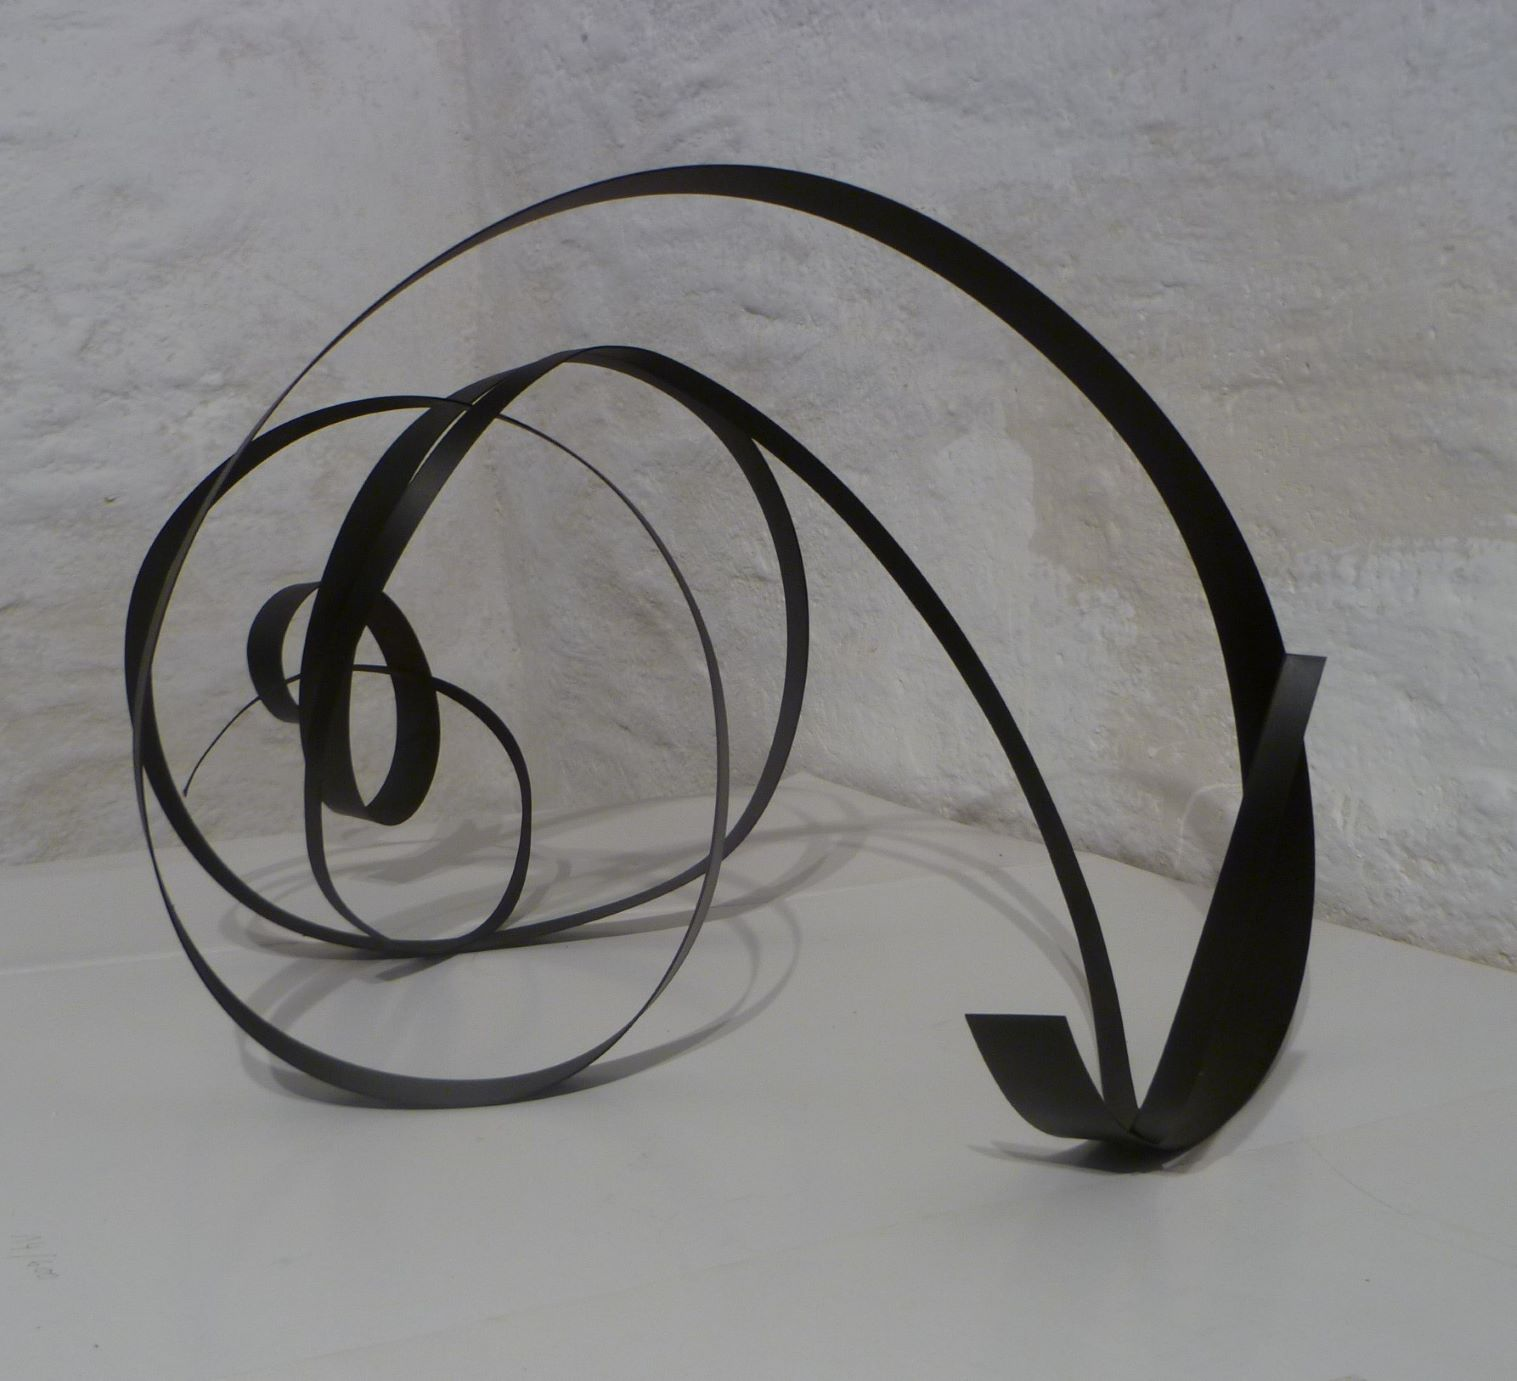 Ute Gortner, 2021, Stahlblech, schwarz lackiert